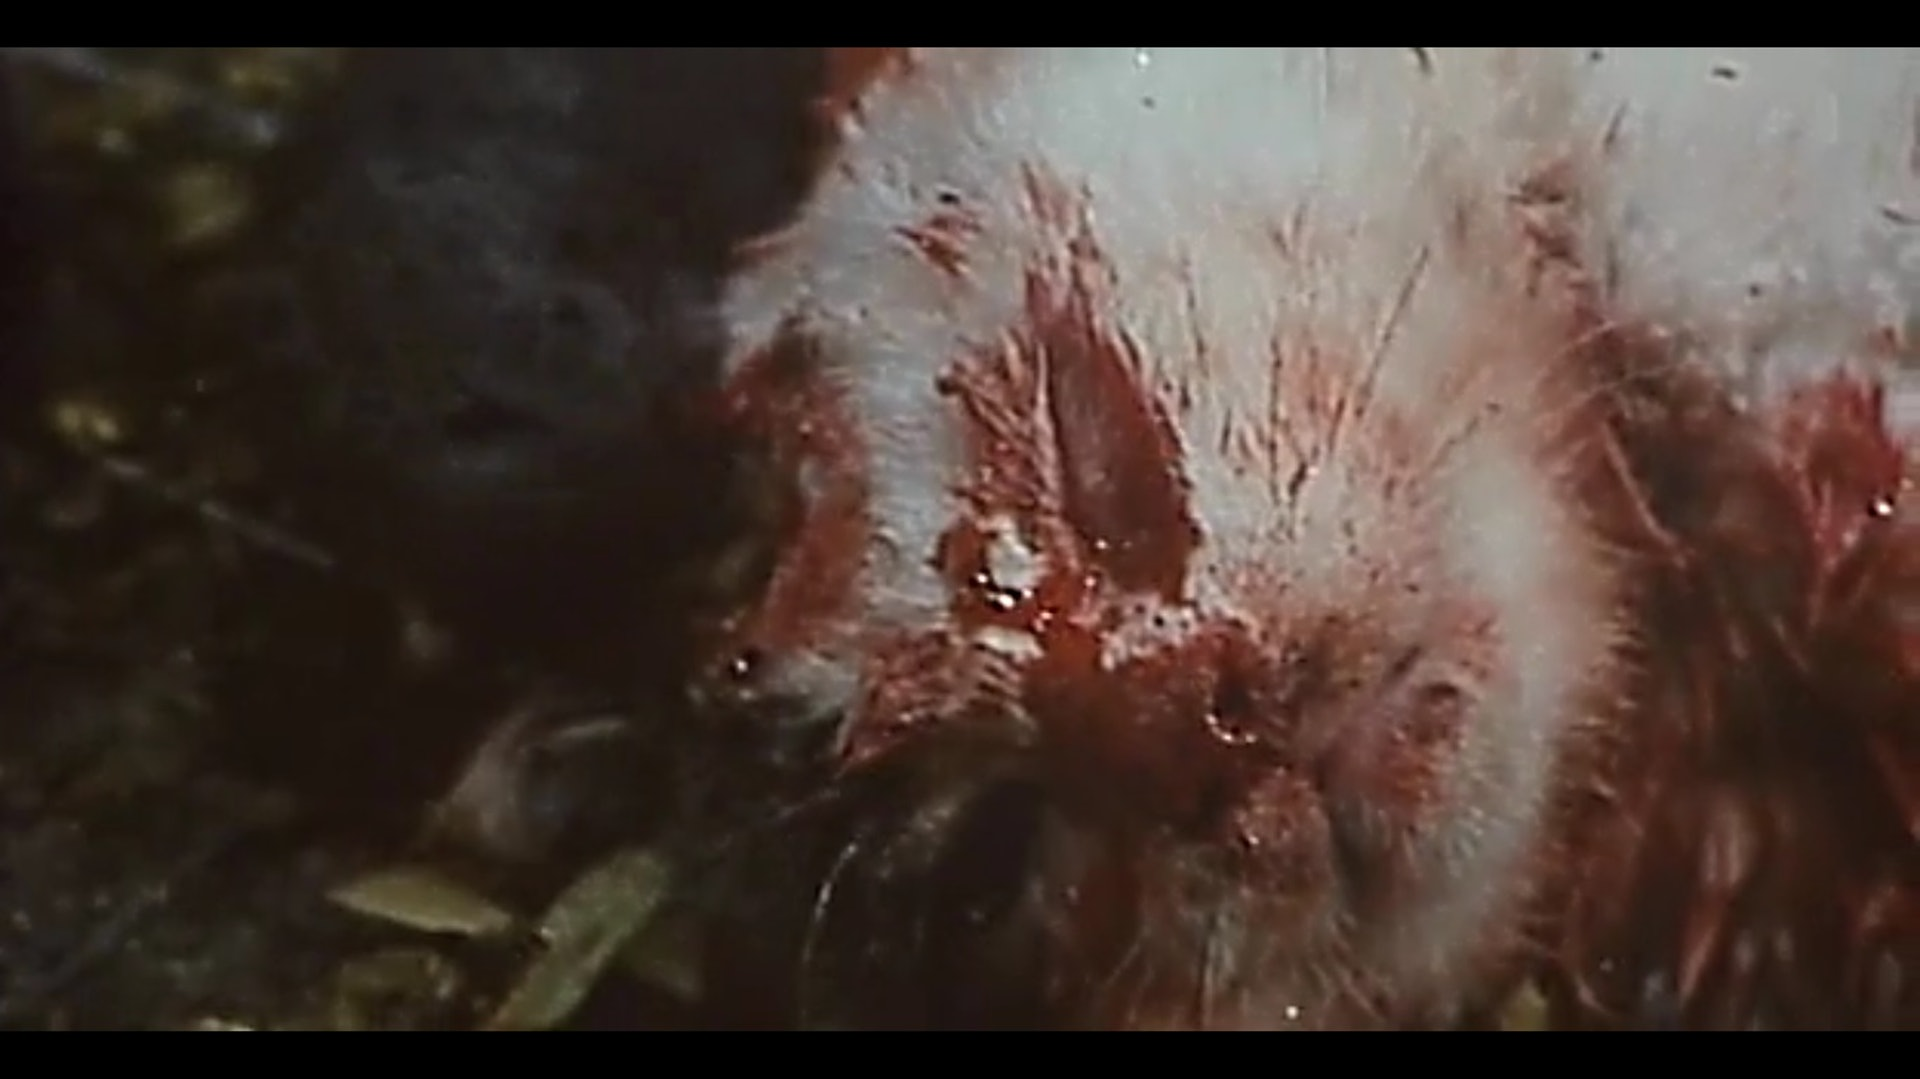 導演在白貓屍灑上染紅的蜜糖,製造白貓被老鼠咬死的錯覺。(影片截圖)